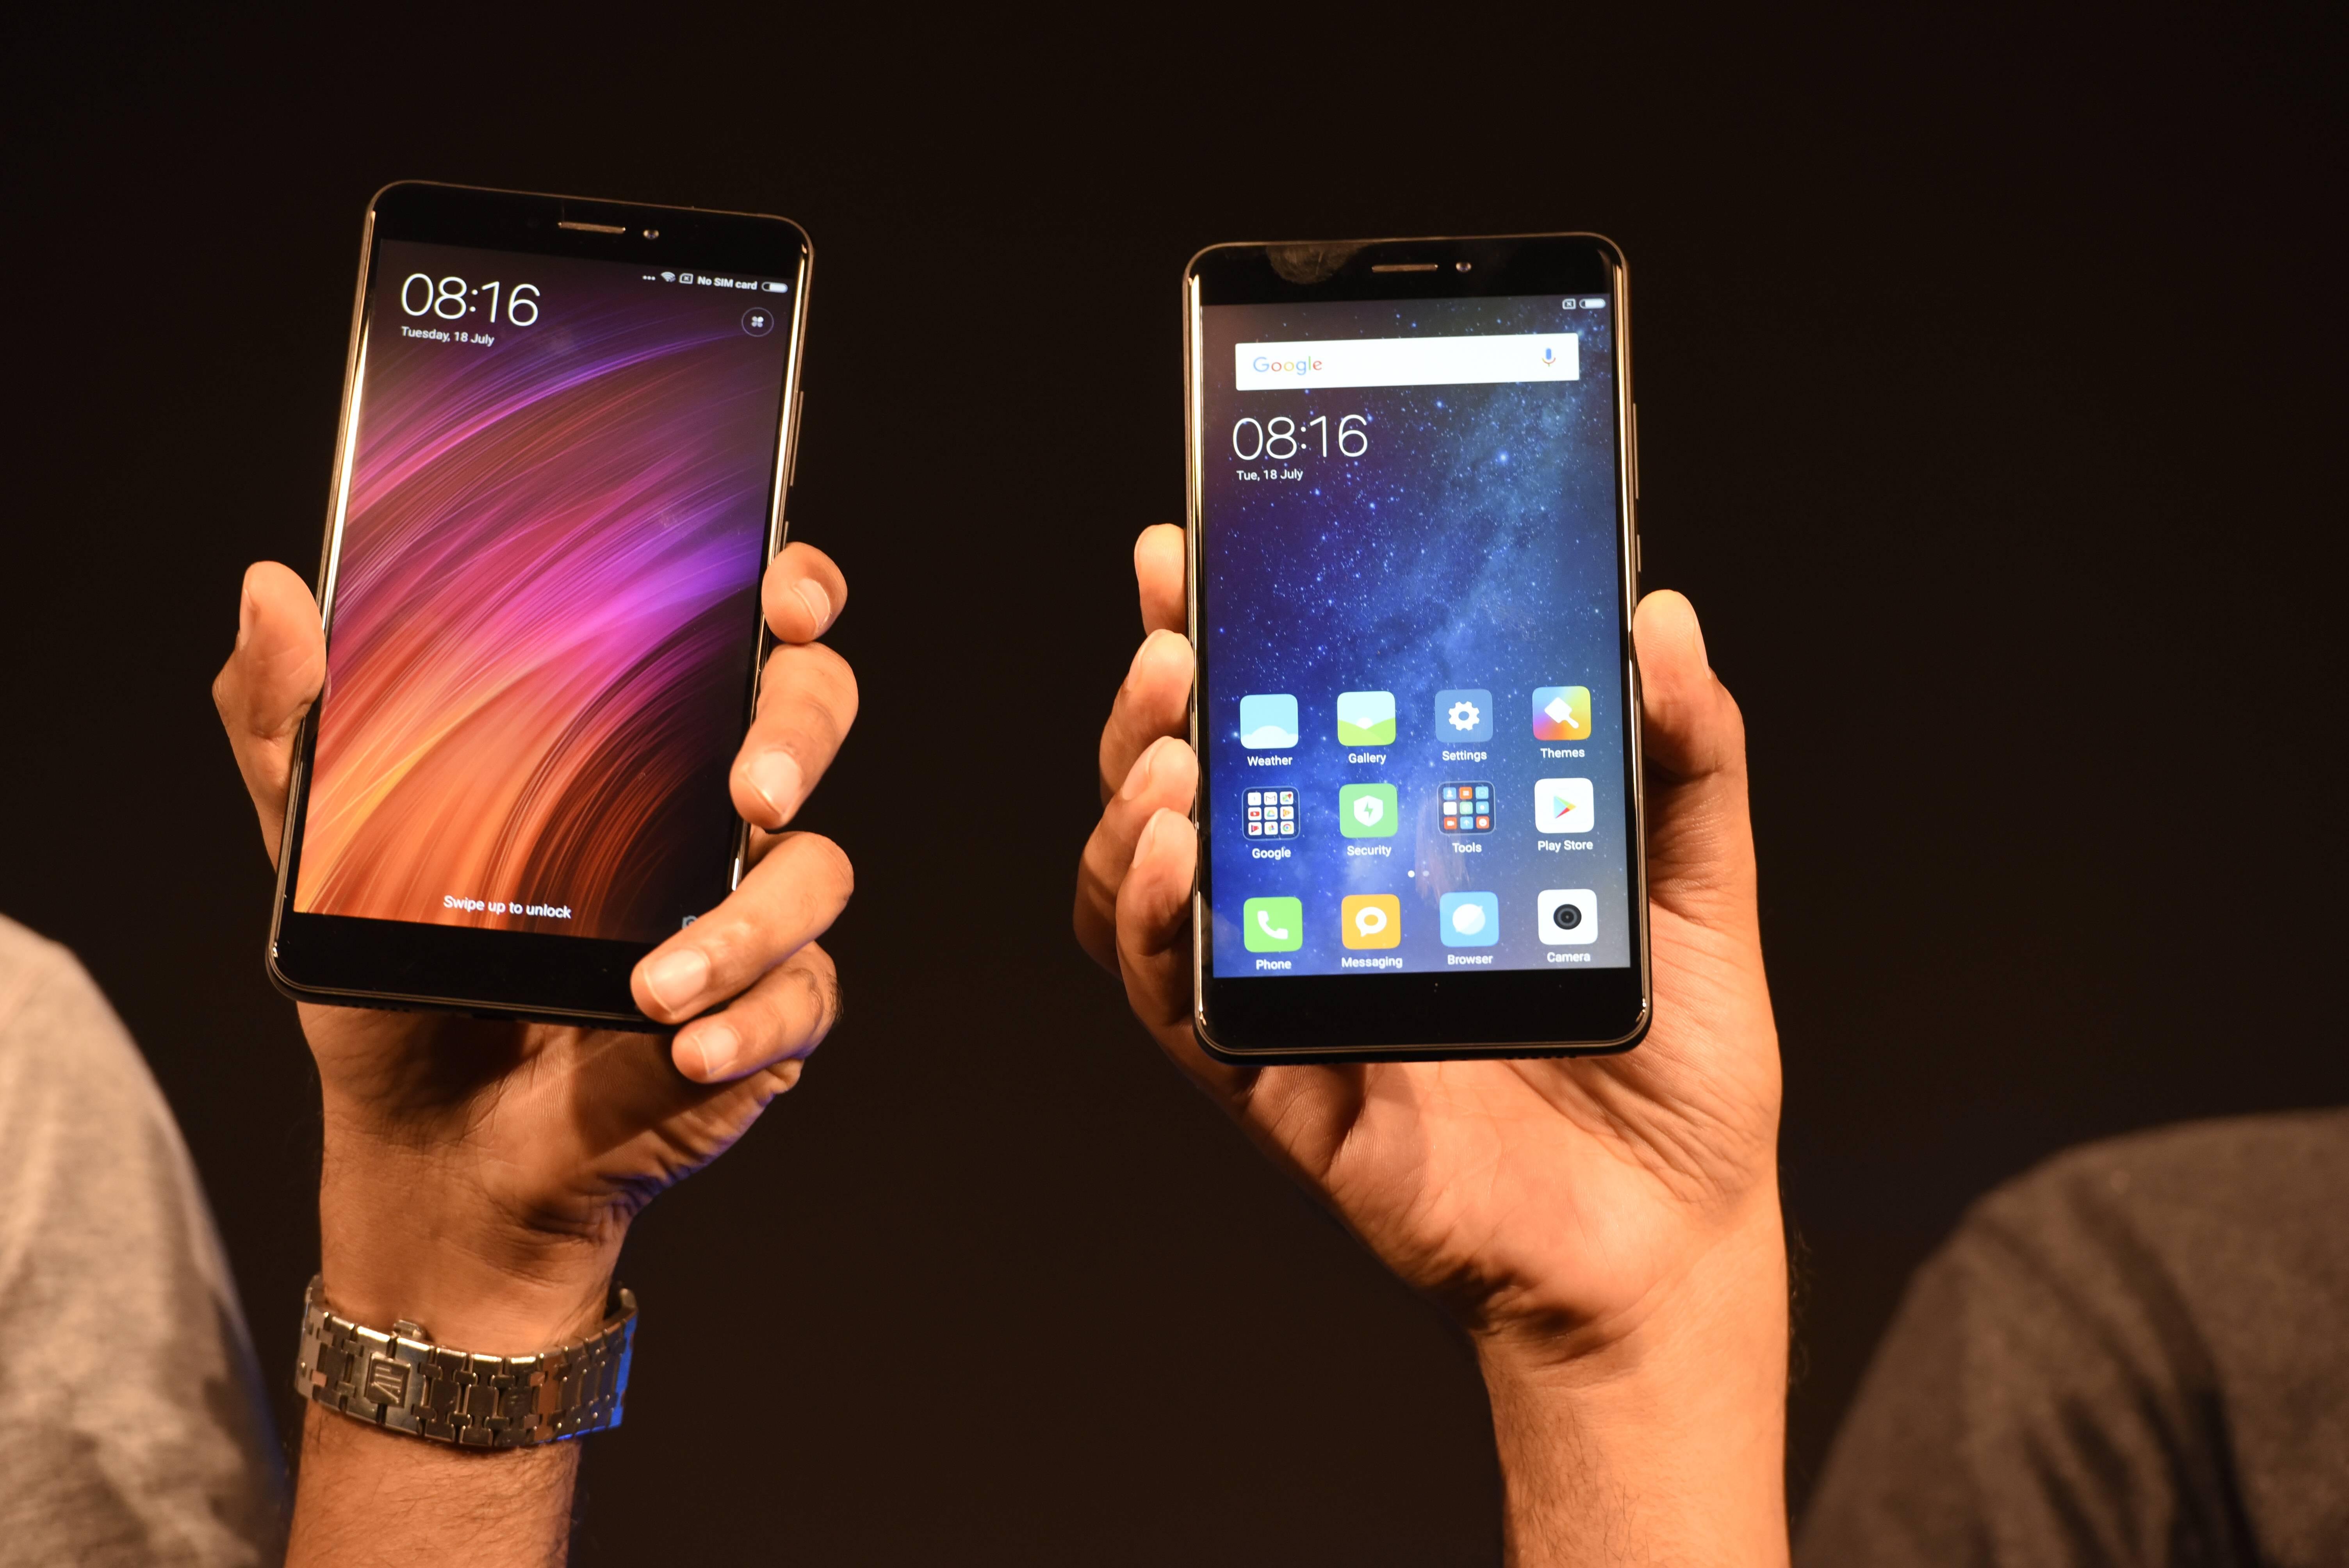 Емкость батареи телефона xiaomi какое приложение скачать для очков виртуальной реальности